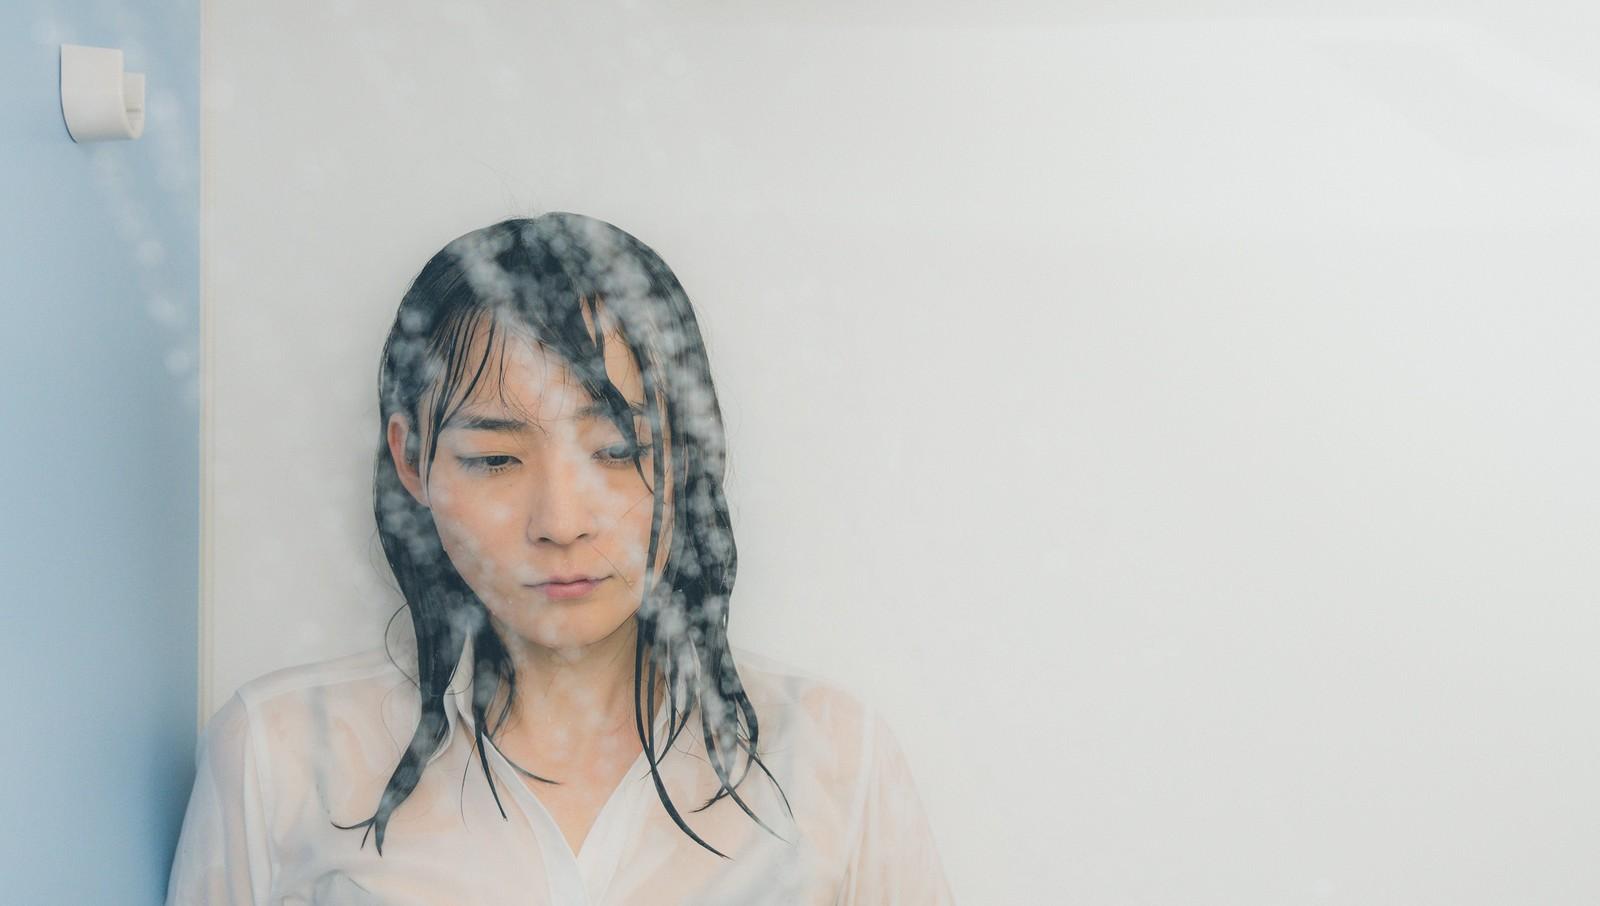 「シャワーで涙を流す失恋女子シャワーで涙を流す失恋女子」[モデル:たけべともこ]のフリー写真素材を拡大